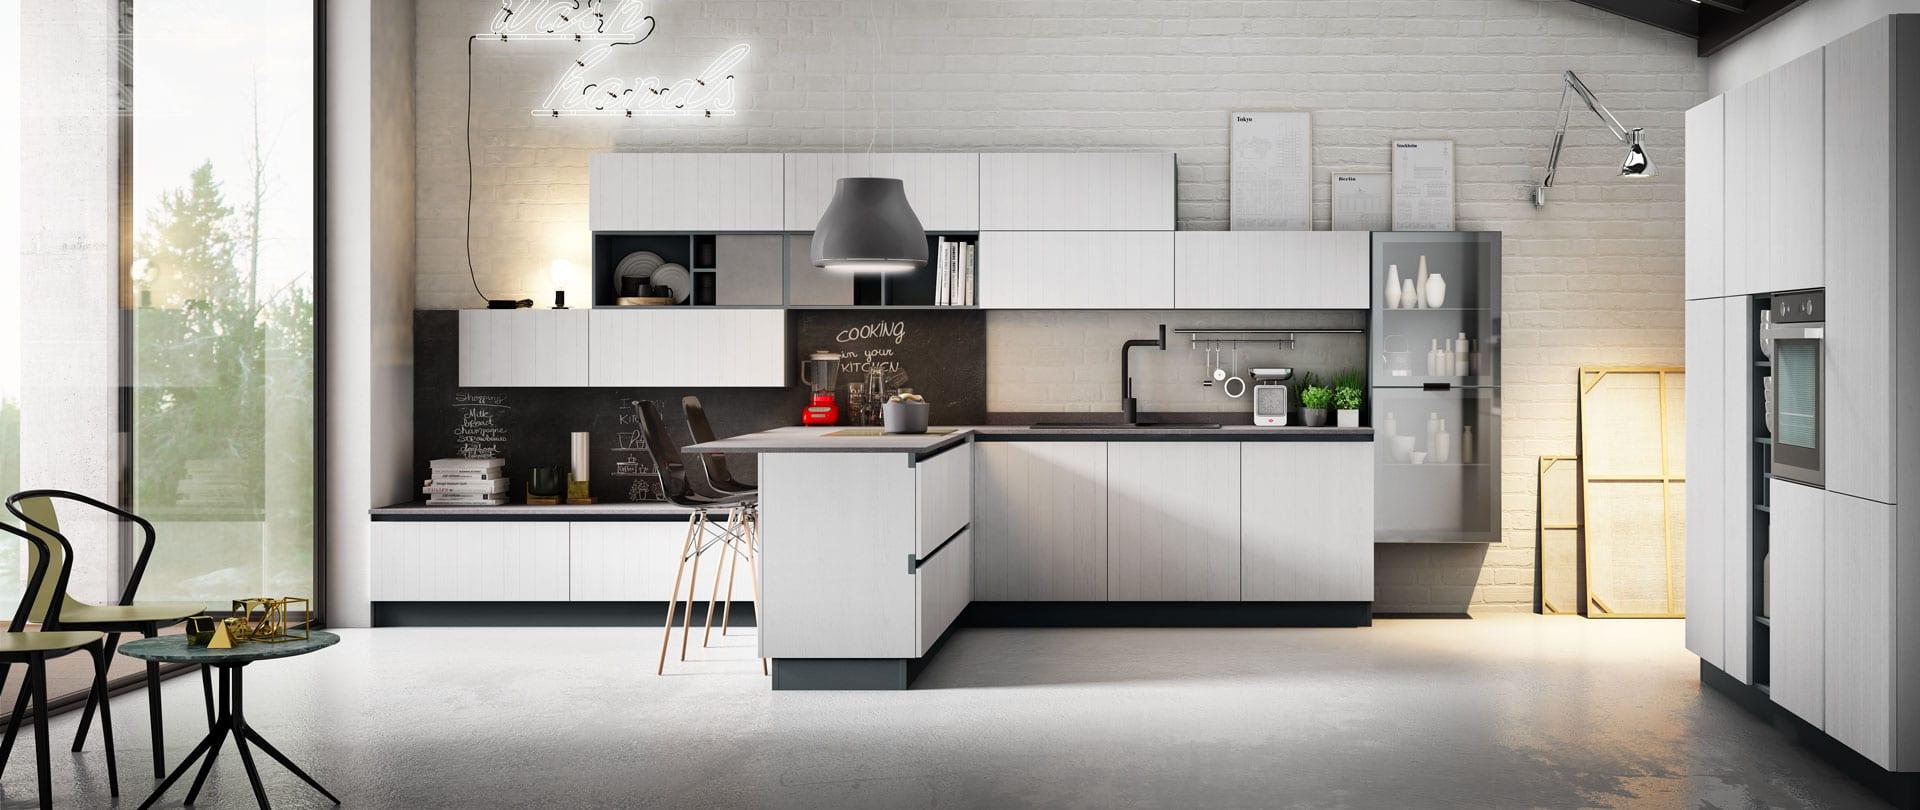 Una cucina funzionale, altamente tecnica e professionale ...